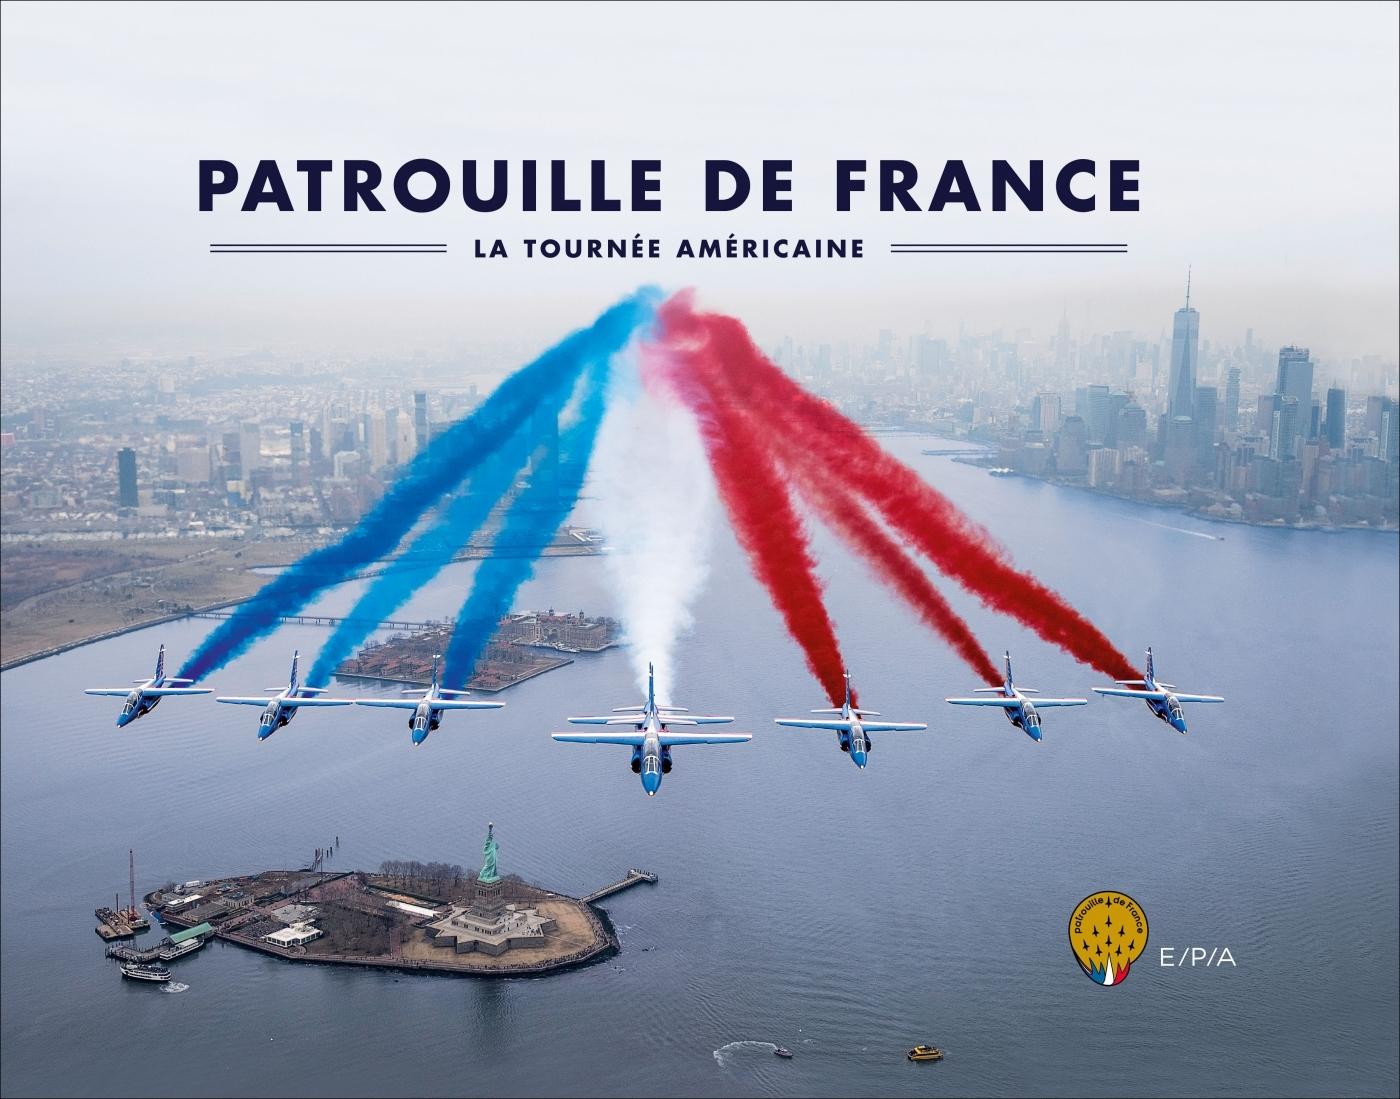 LA PATROUILLE DE FRANCE LA TOURNEE AMERICAINE